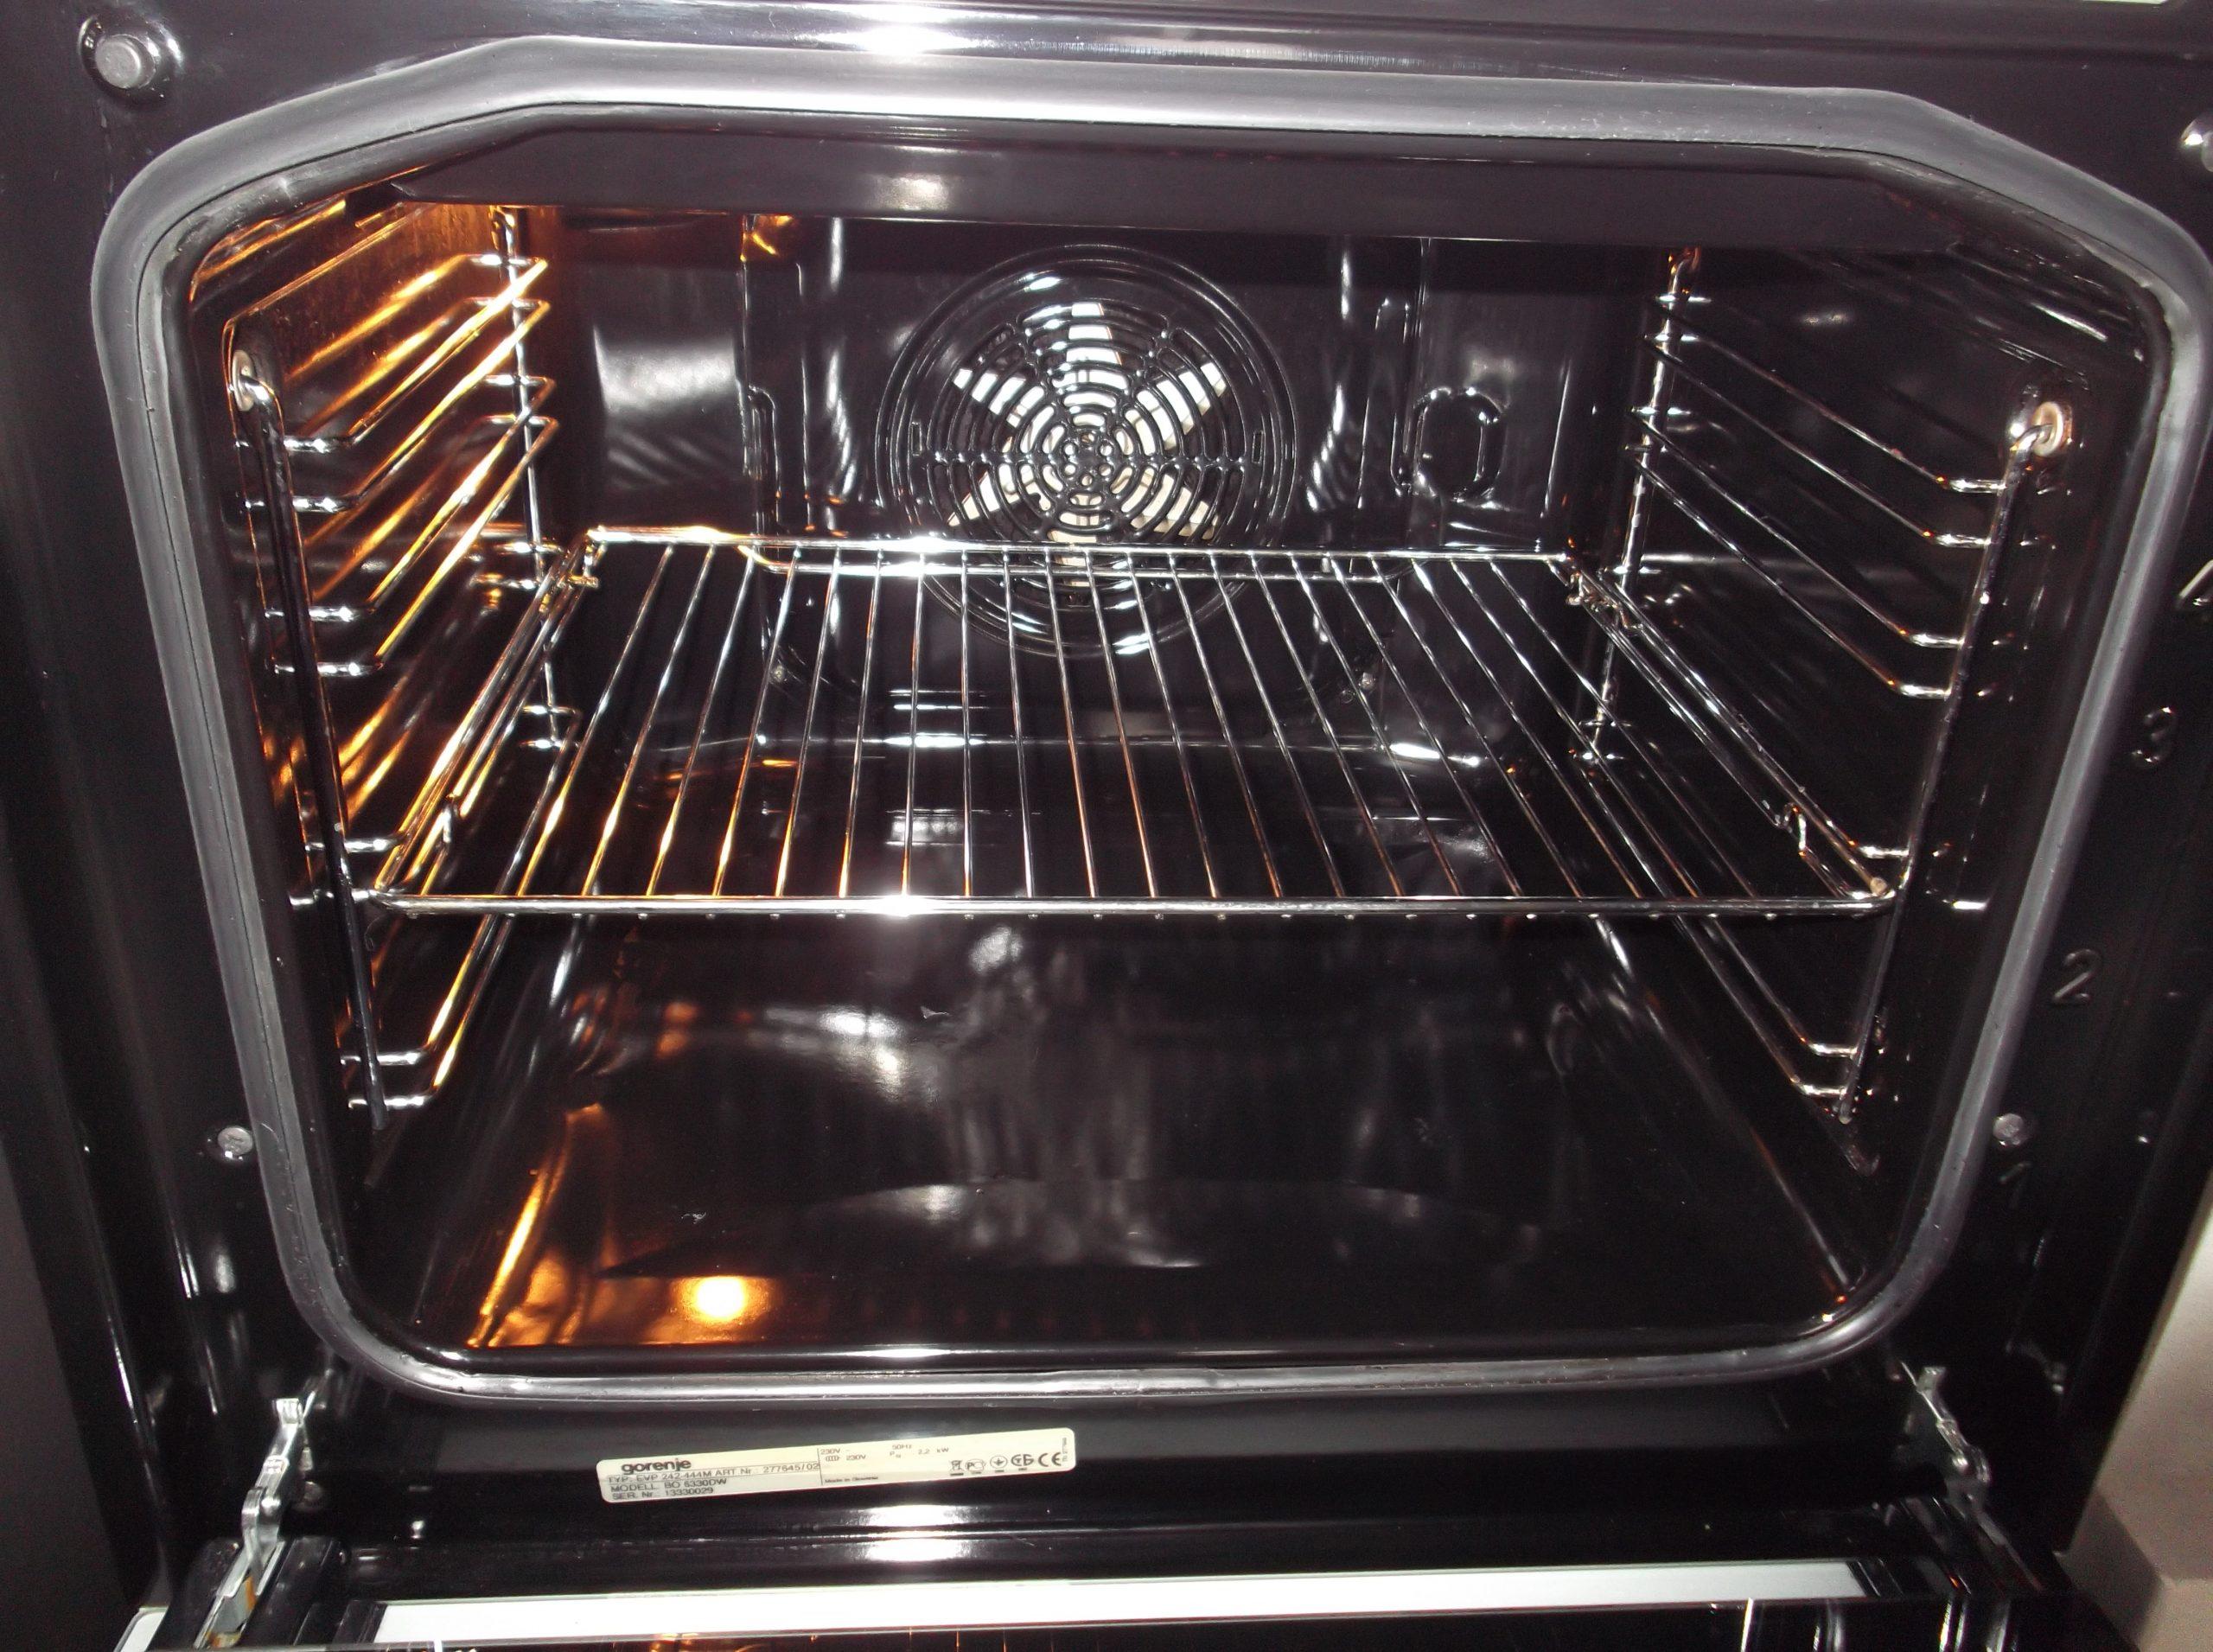 Как включить духовку в электрической плите: инструкция, первый запуск, основные функции